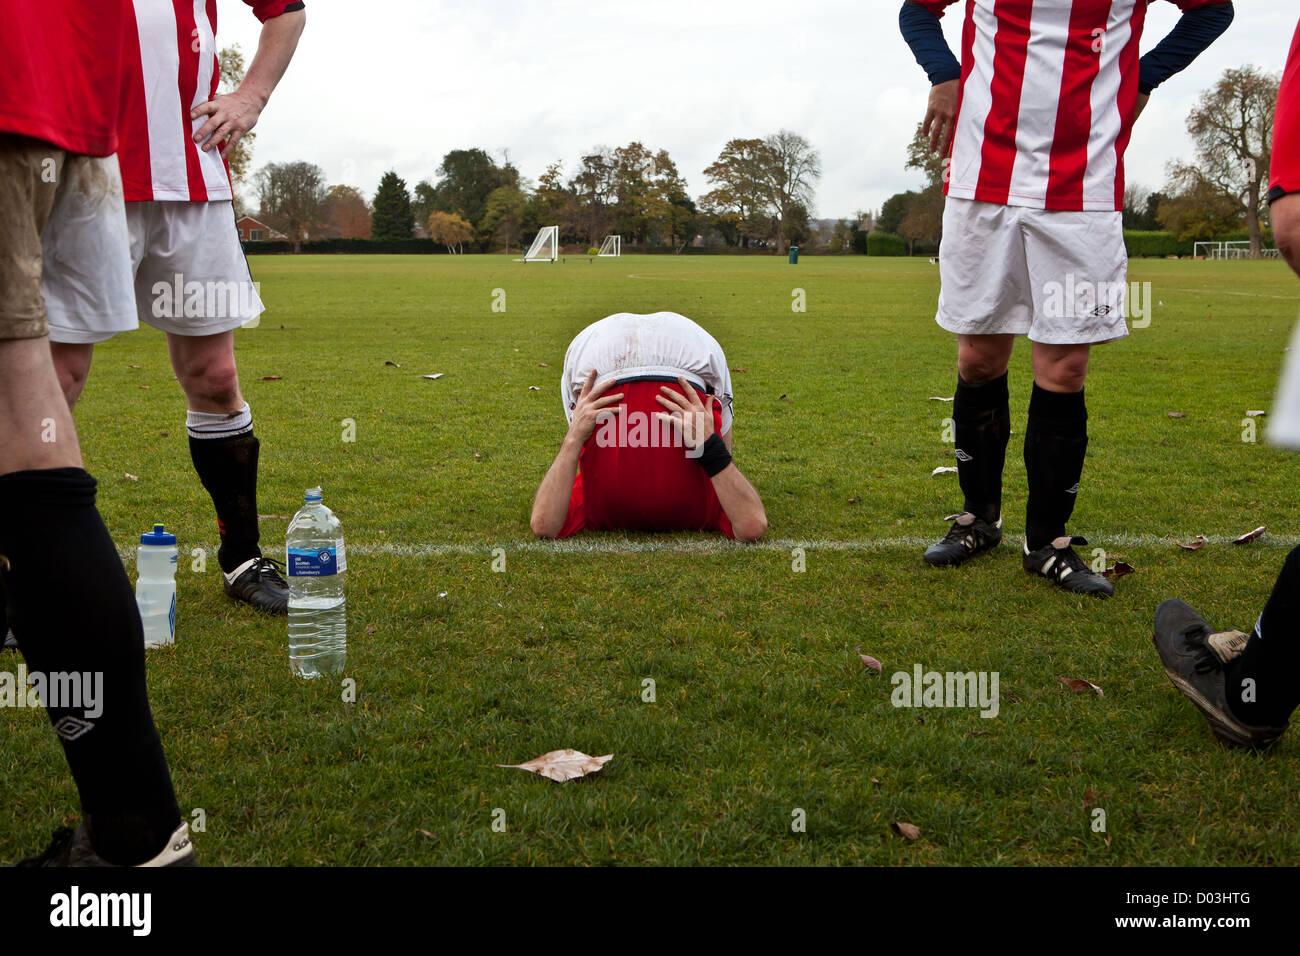 Half -time break for football team - Stock Image